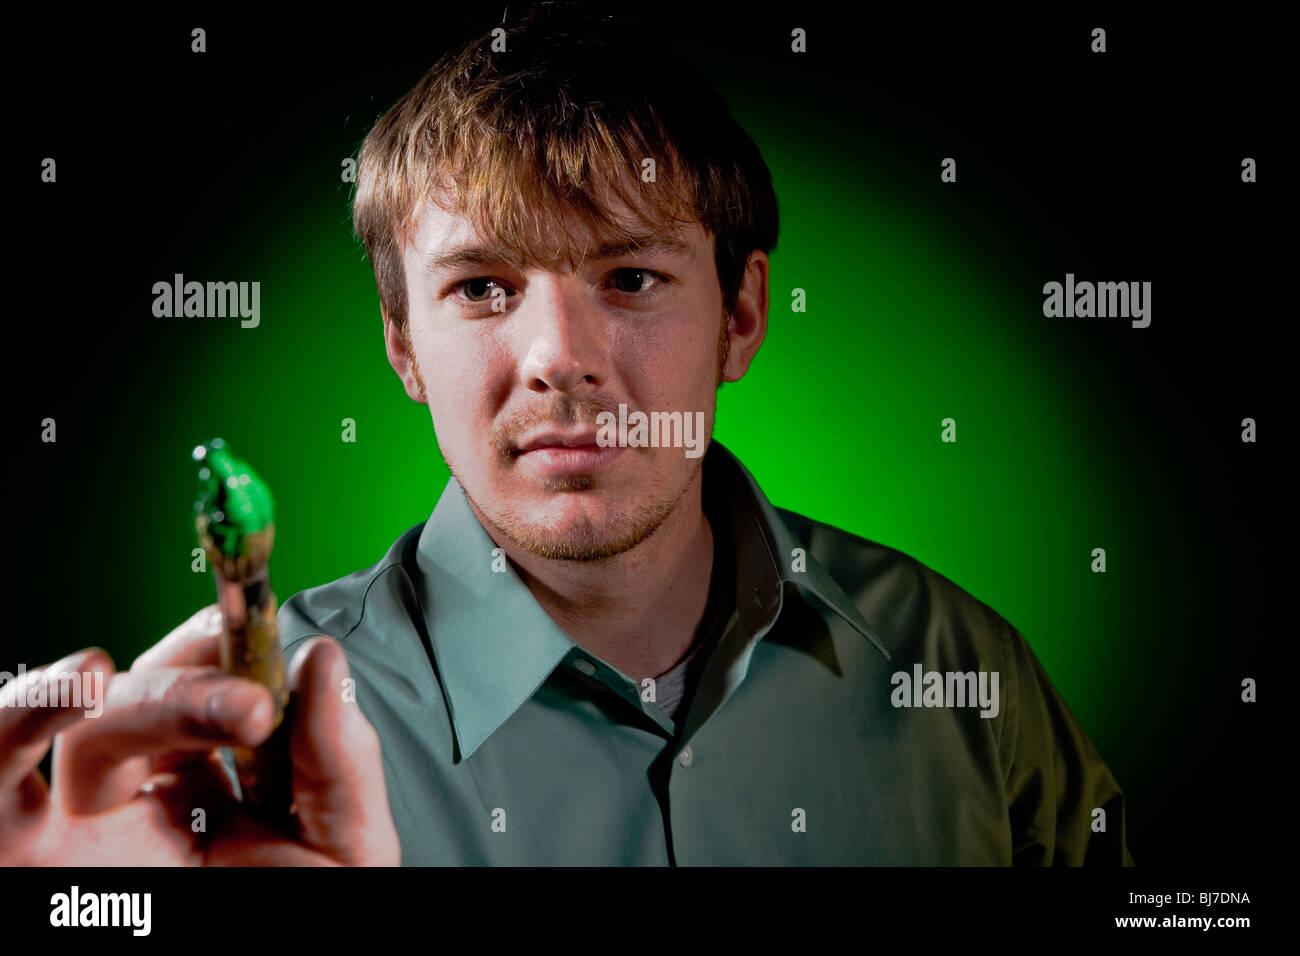 Pittore su verde Immagini Stock